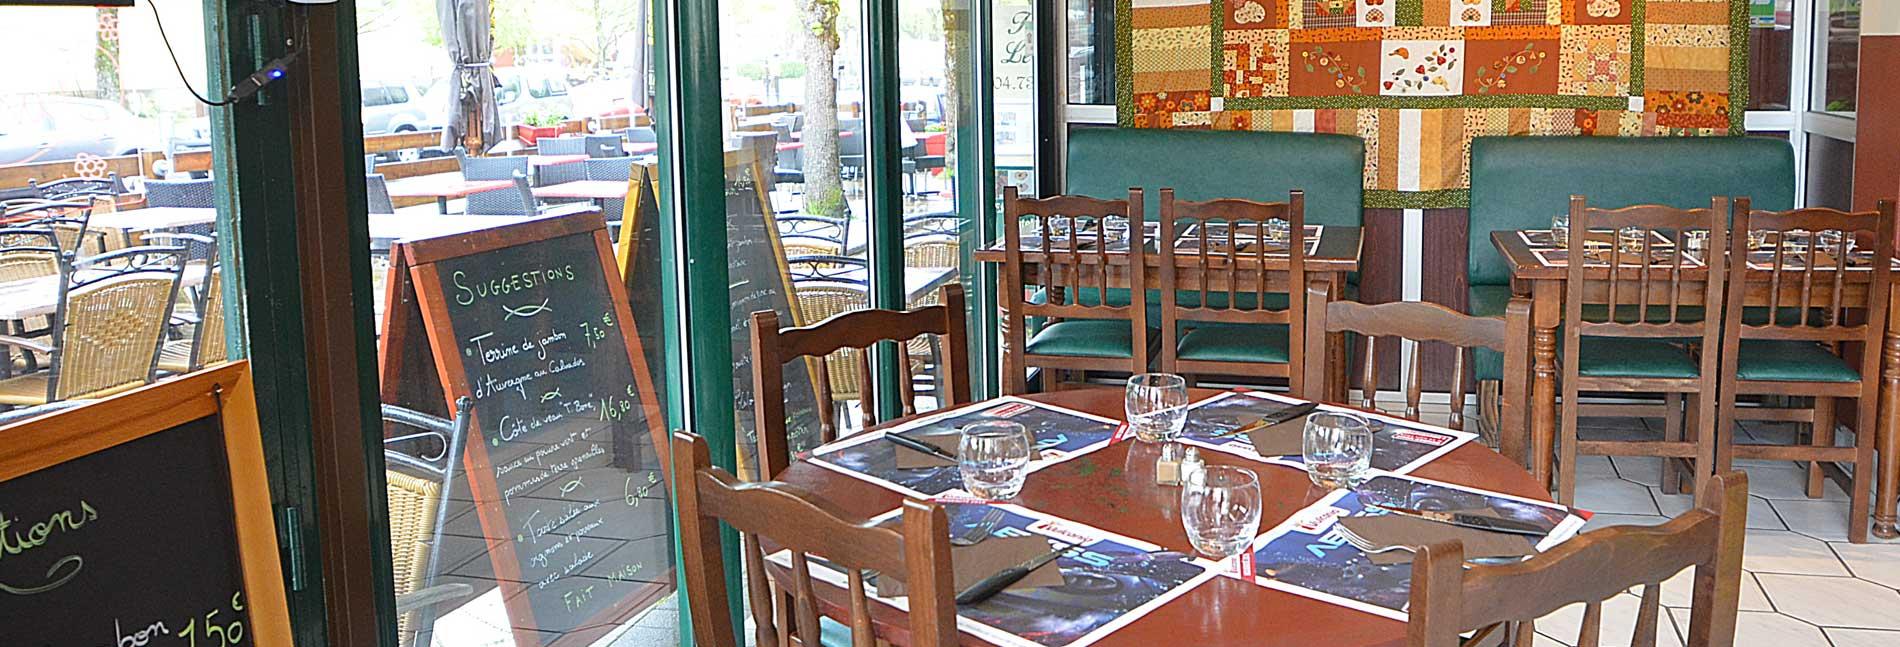 slide-Restaurant-04